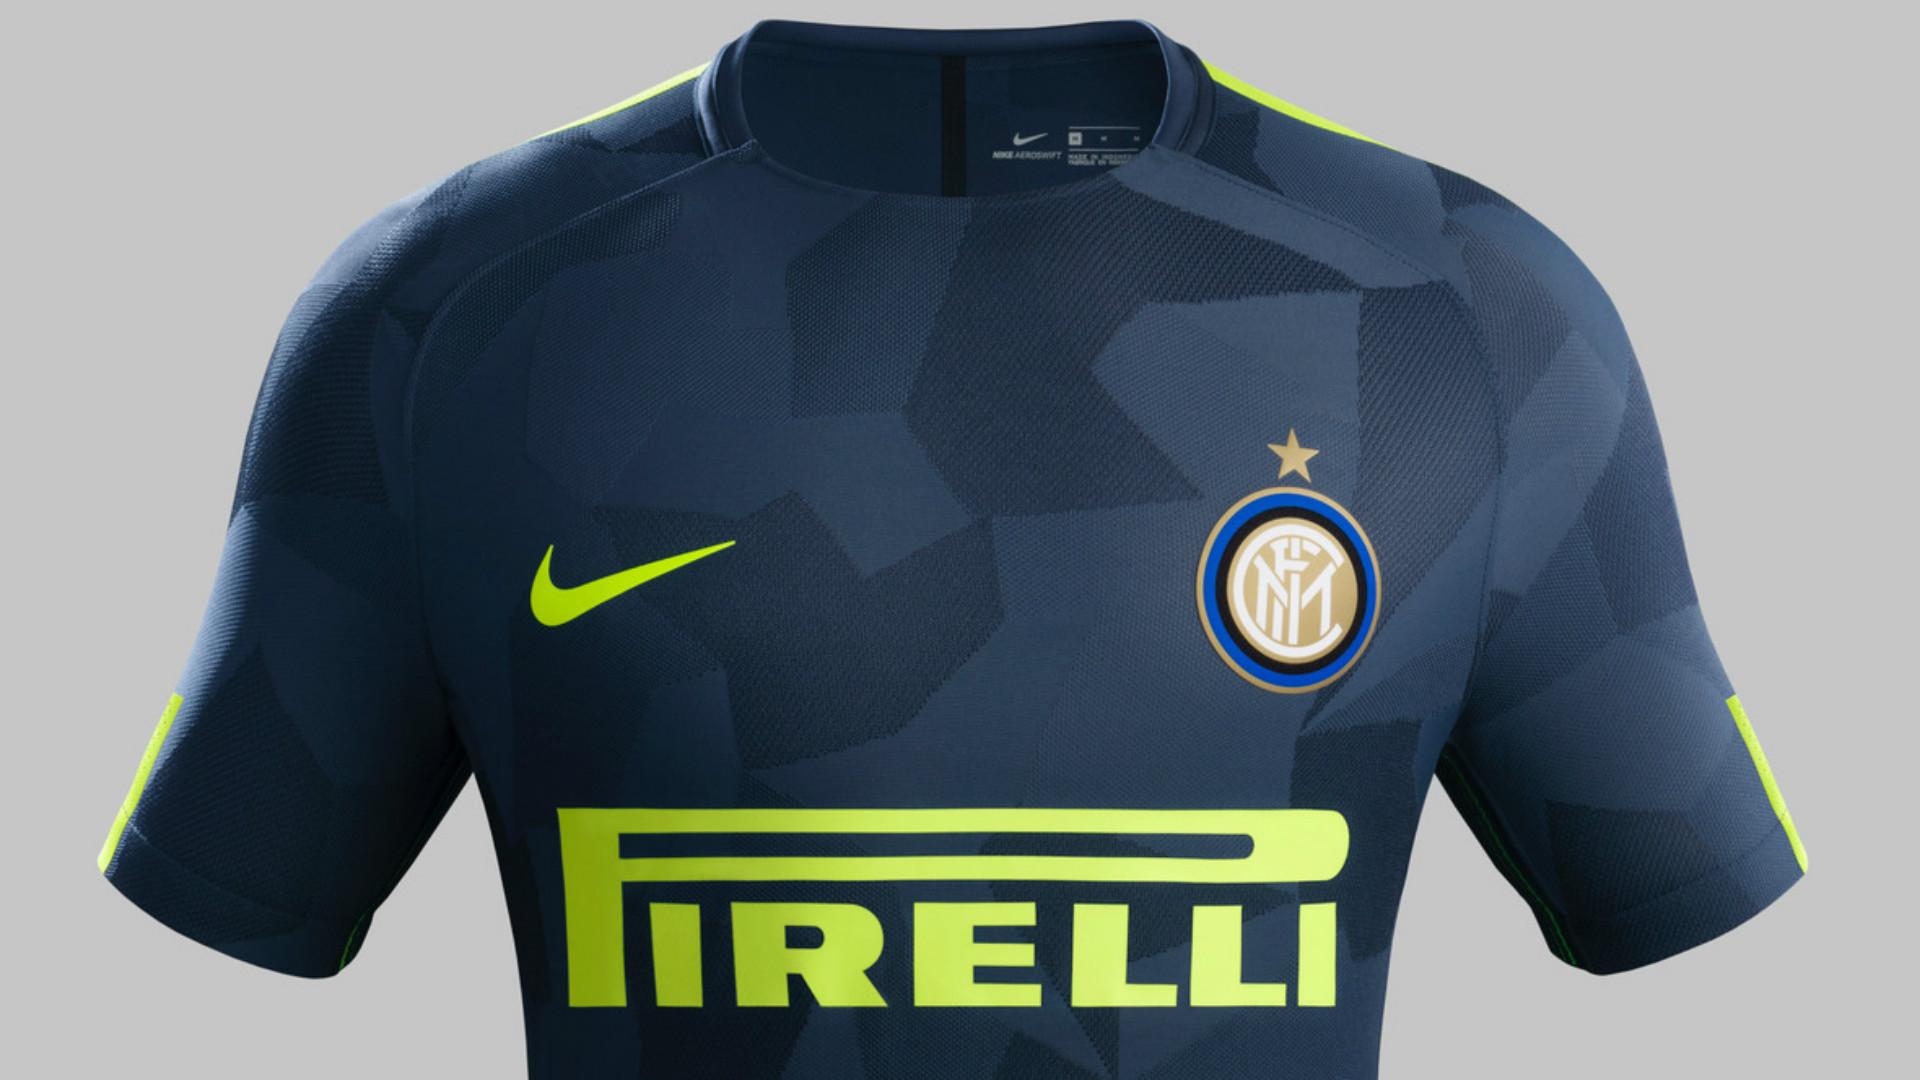 Terza Maglia Inter Milan modello